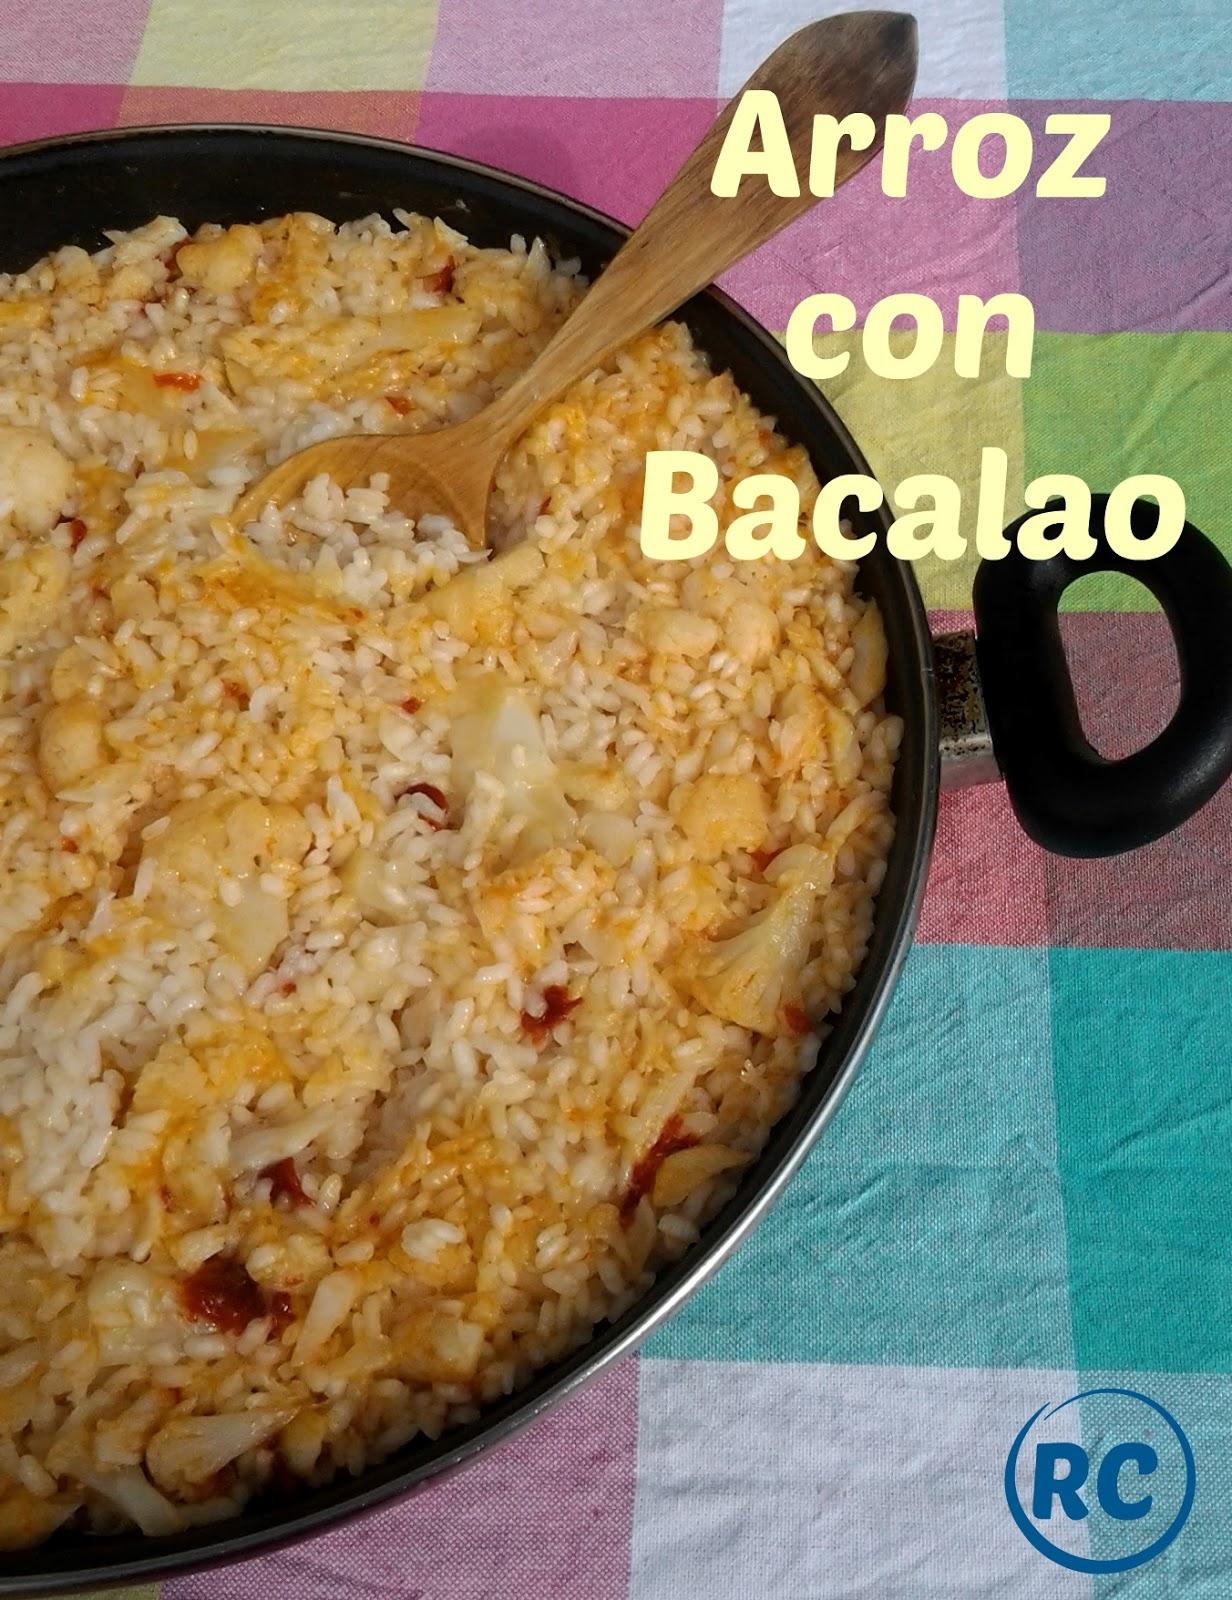 Recursos culinarios arroz con bacalao typical spanish - Arroz con bacalao desmigado ...